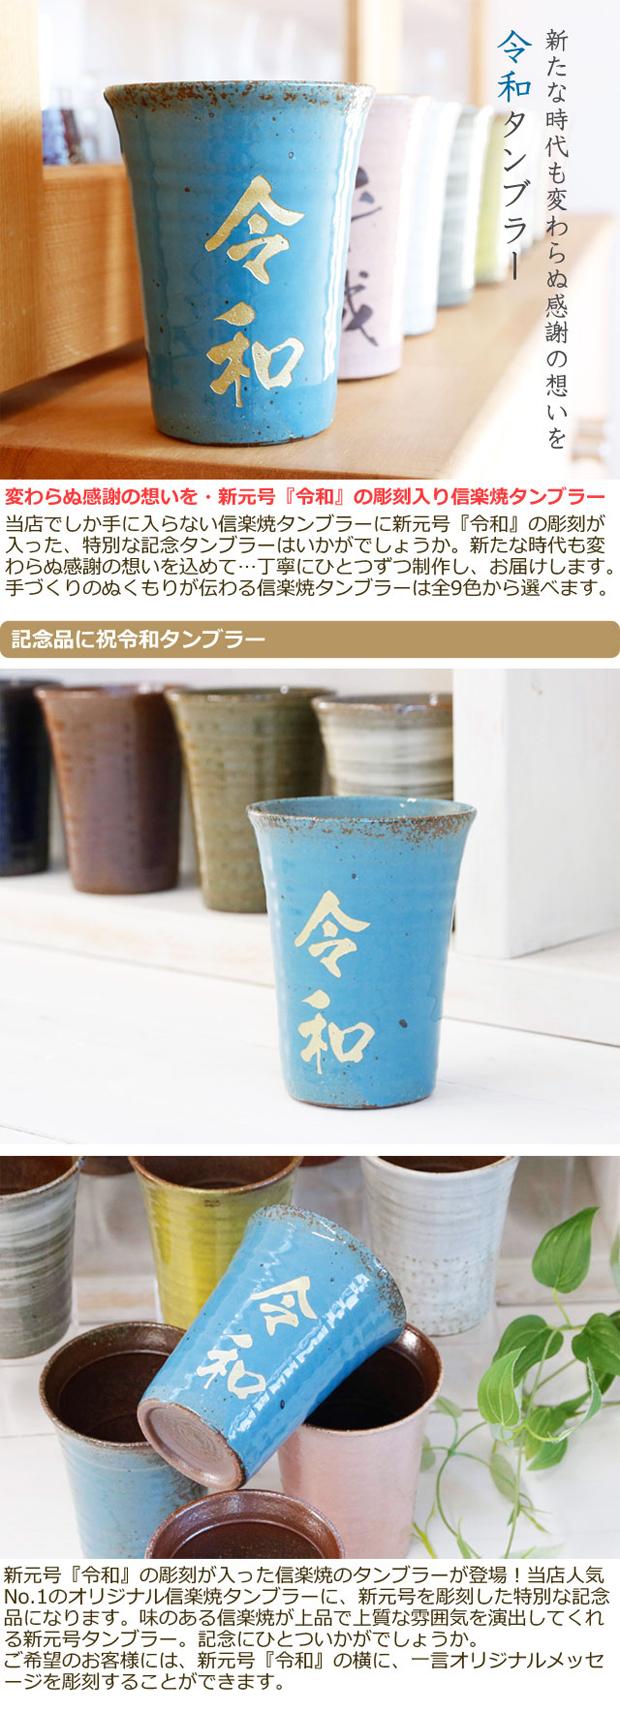 当店でしか手に入らない信楽焼タンブラーに新元号『令和』の彫刻が入った、特別な記念タンブラー。